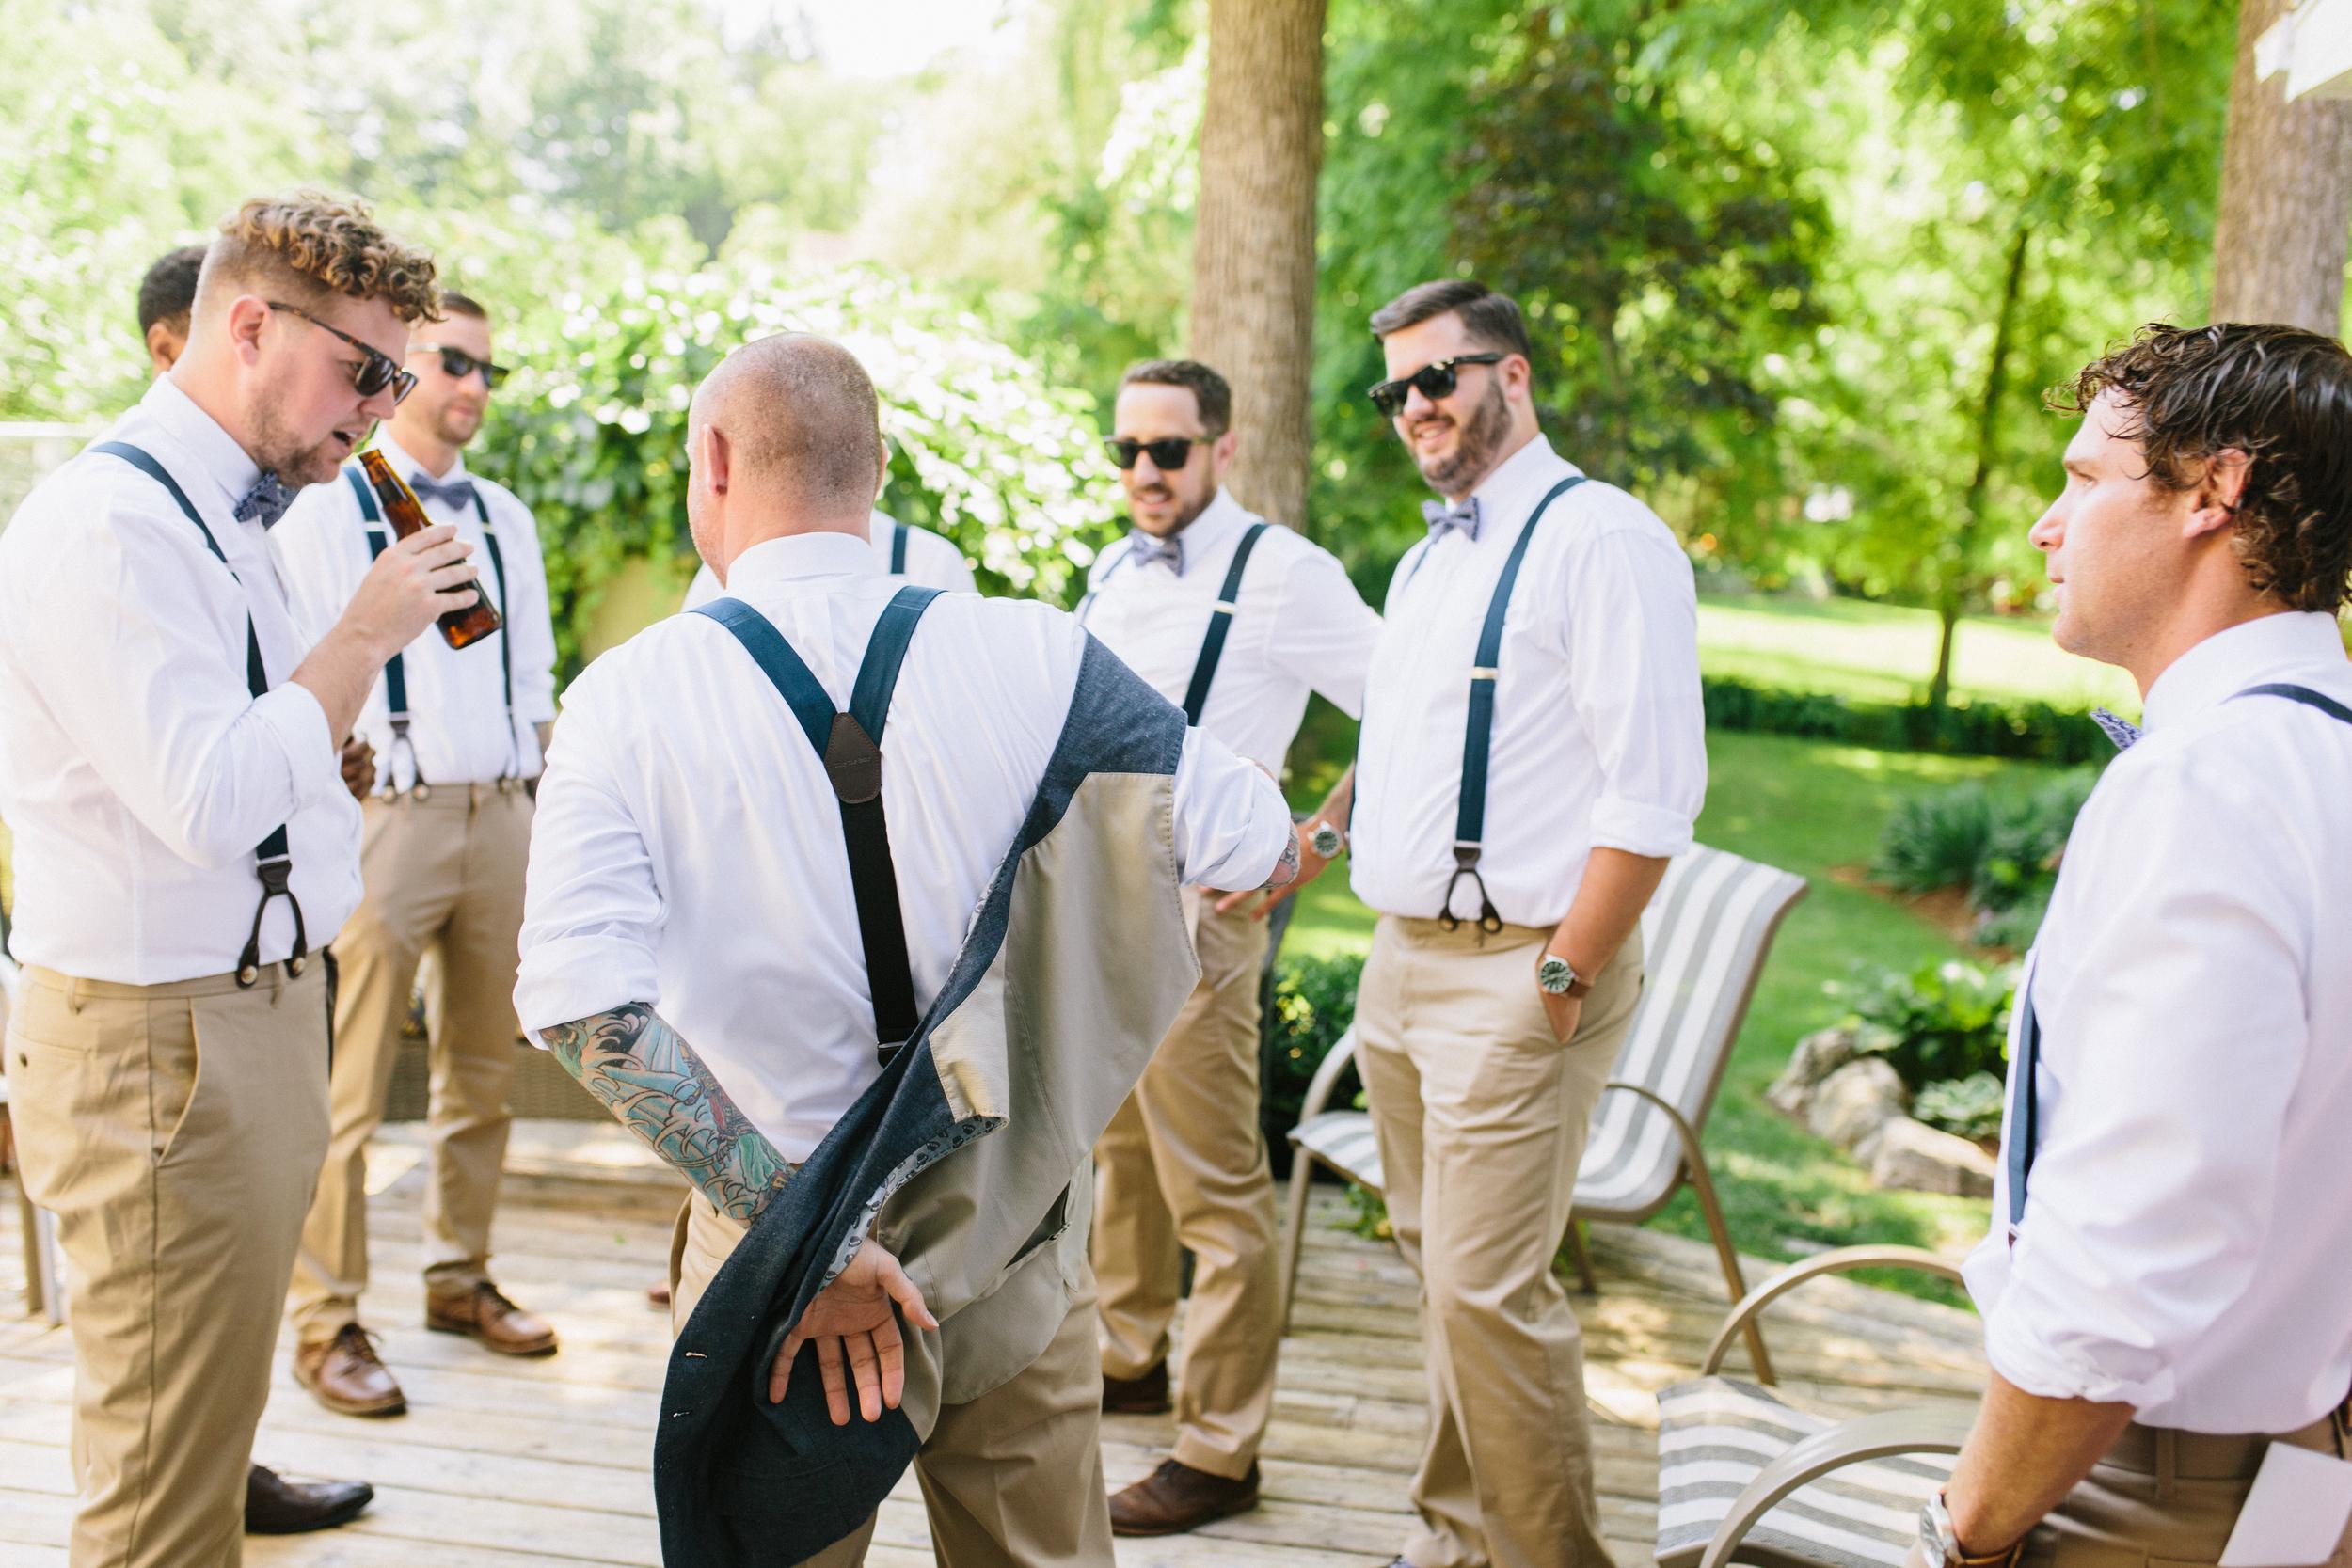 michael-rousseau-photography-shannae-ingleton-wedding-sean-craigleith-ski-club-wedding012.jpg